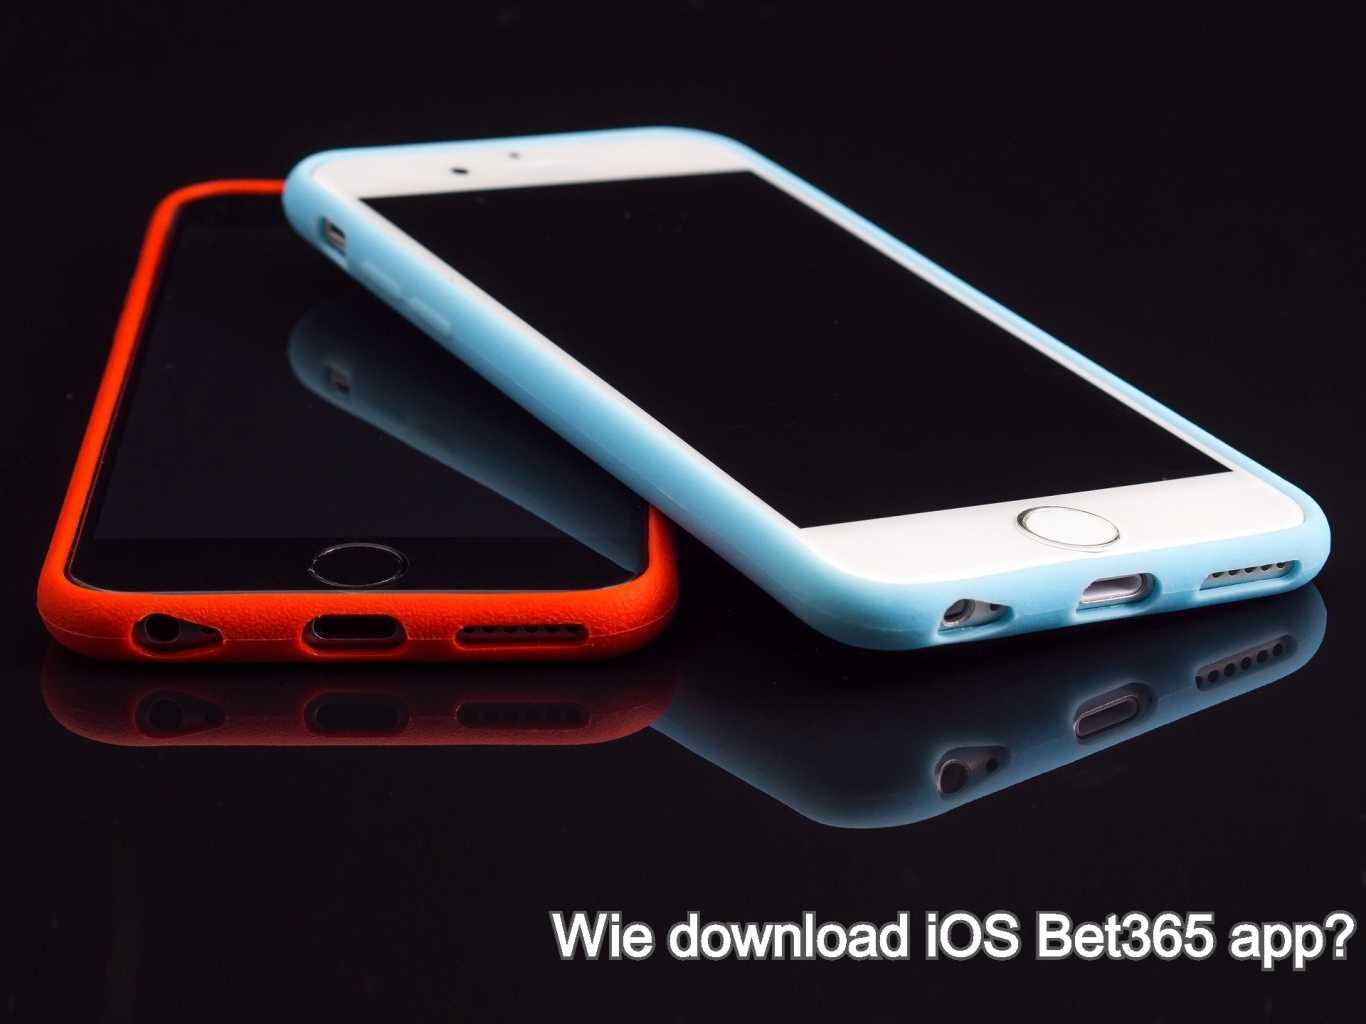 Wie download iOS Bet365 app?